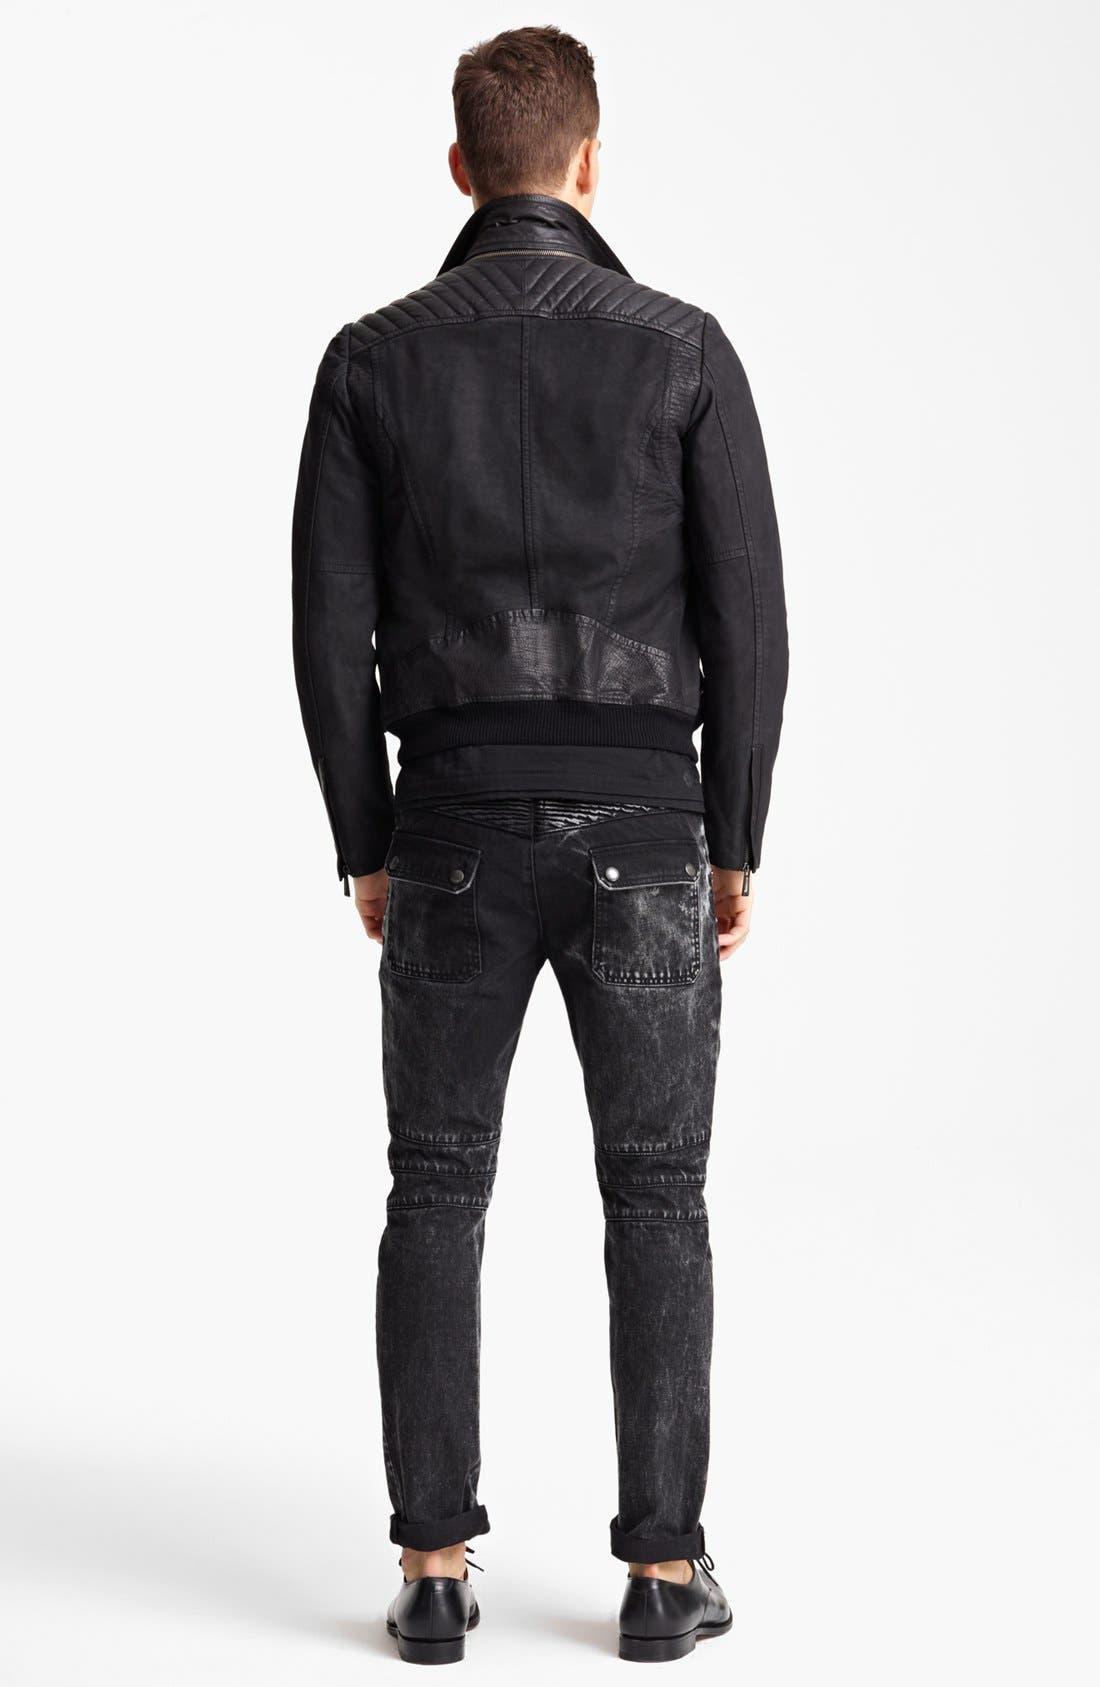 JUST CAVALLI, Leather Moto Jacket, Alternate thumbnail 4, color, 001